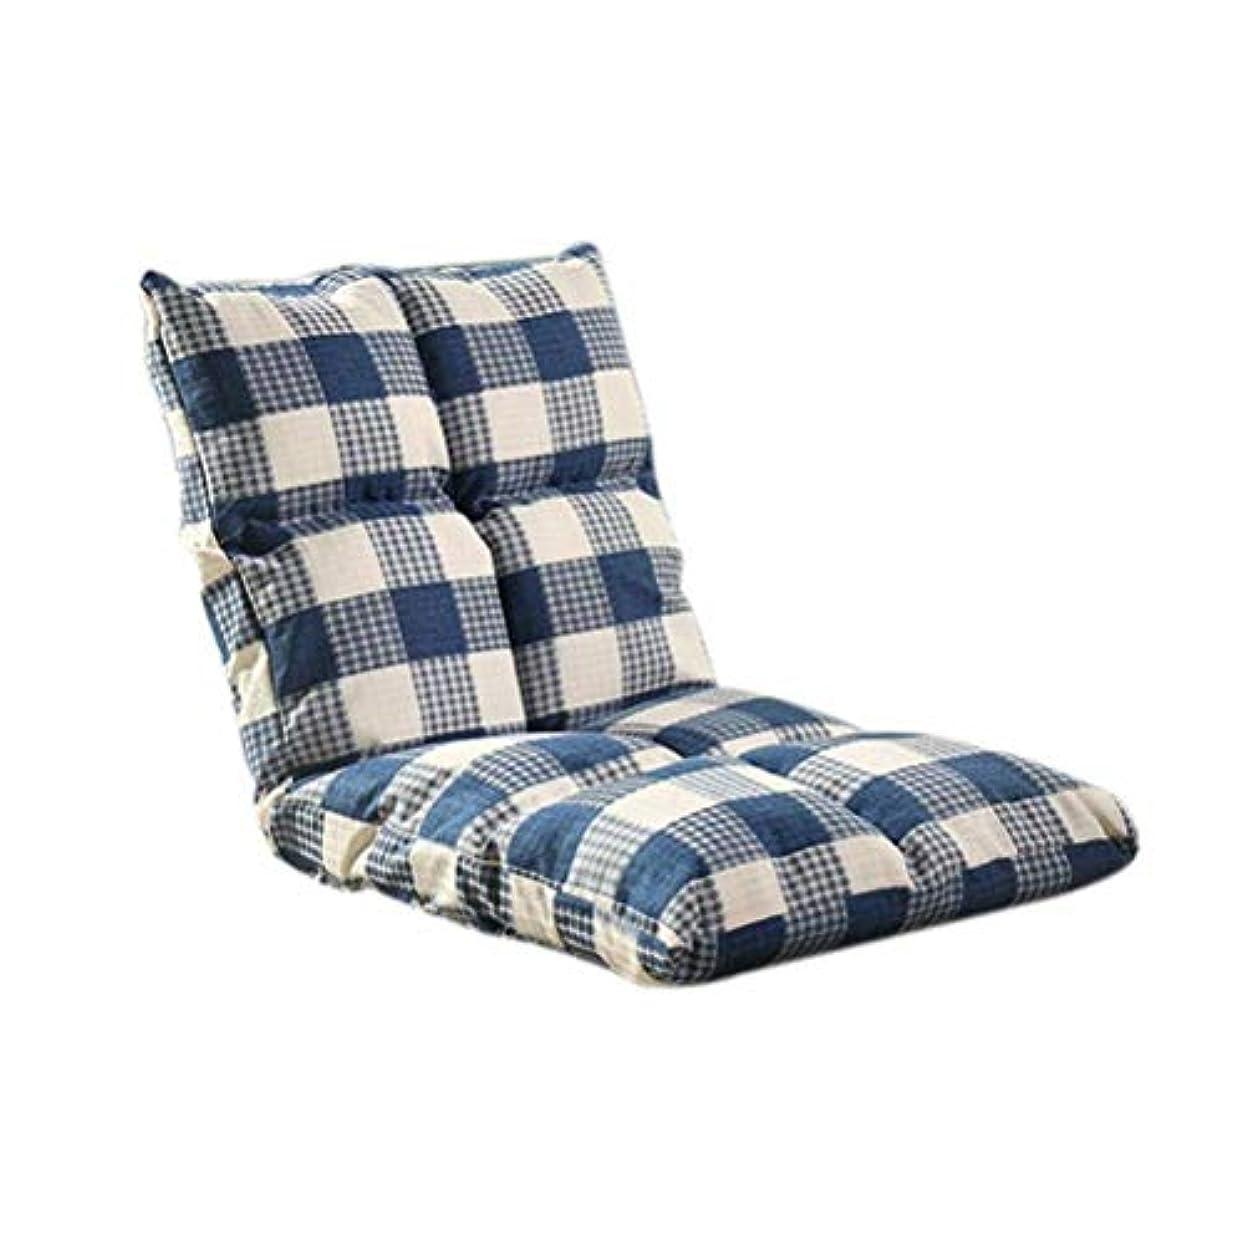 フェデレーション比率脈拍瞑想椅子、折りたたみ椅子、調節可能な椅子、畳シングルチェア、背もたれ付きのベッドルームベイウィンドウ日本の椅子、怠zyなソファゲームチェア (Color : 濃紺)